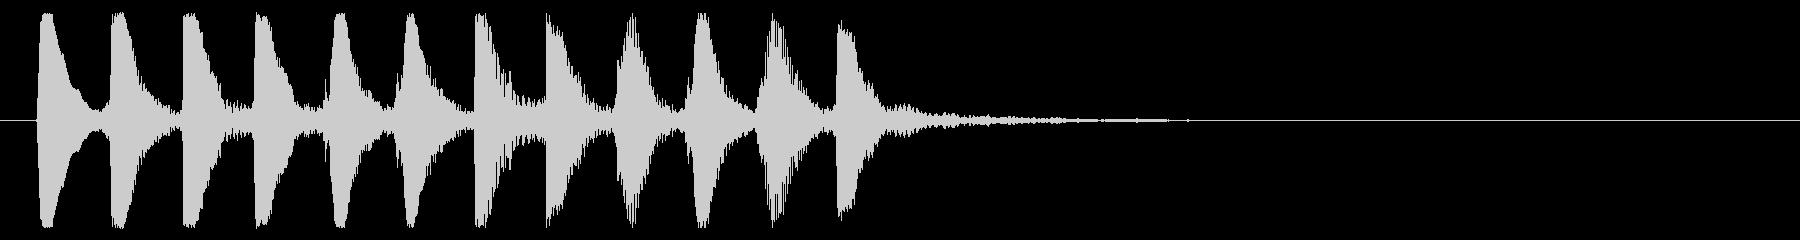 8ビット風システム音-16-3_revの未再生の波形